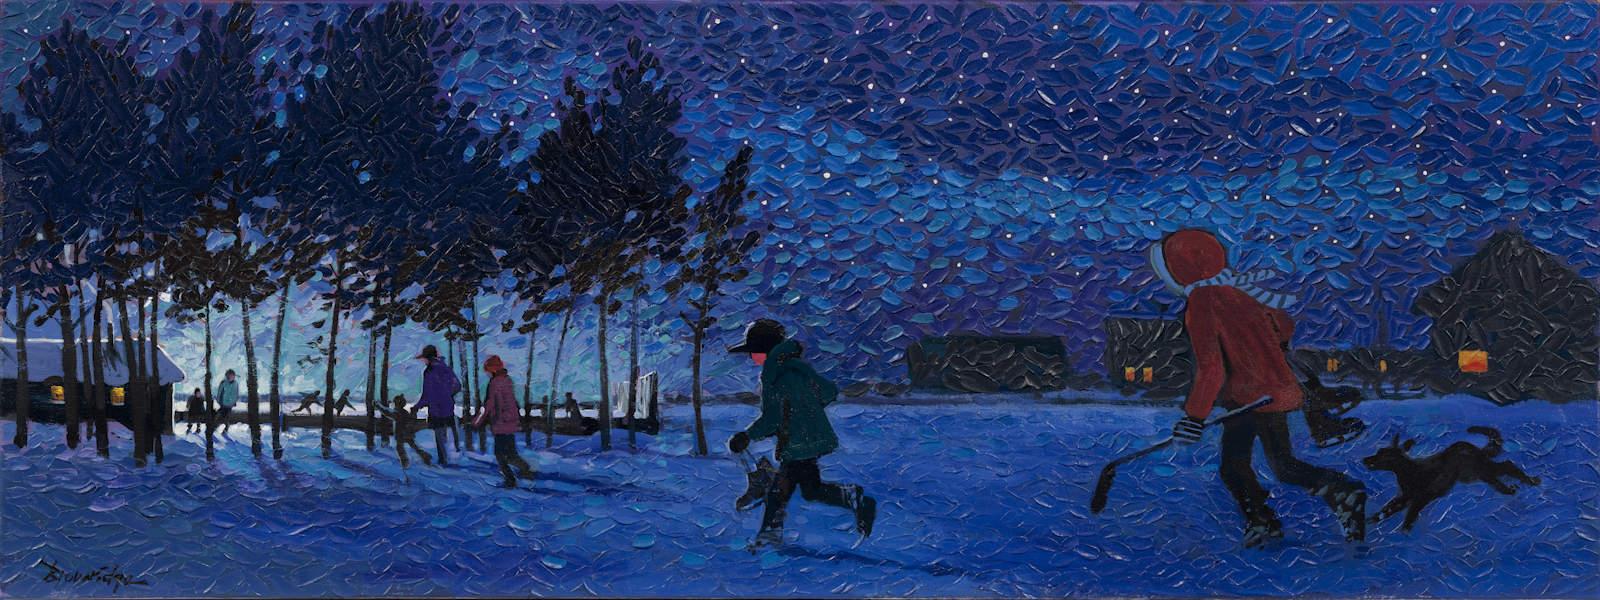 Night Skating (2014)